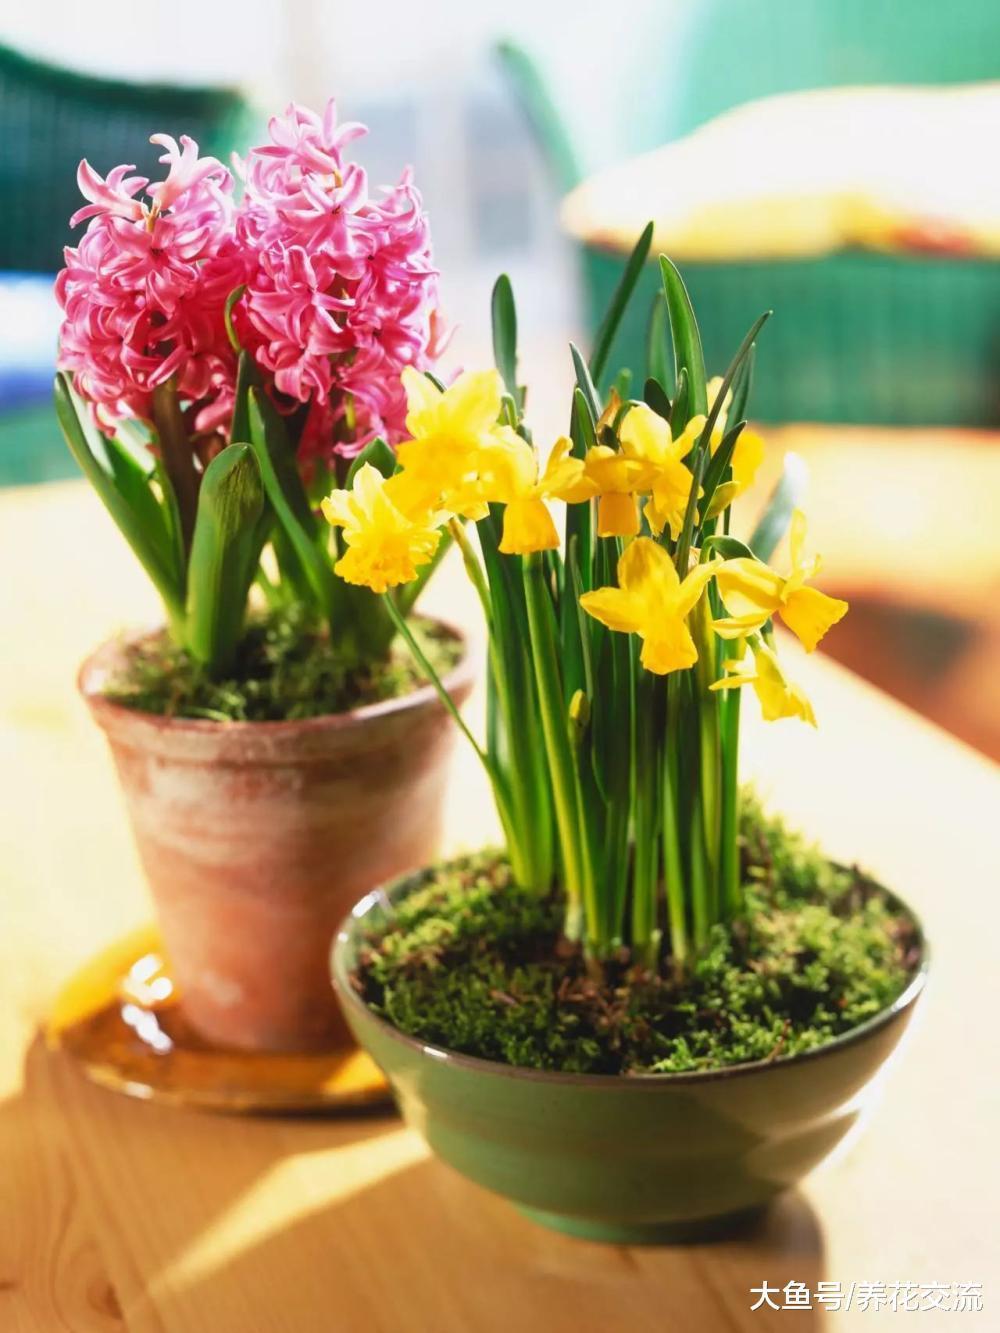 冬春时节开花的植物, 在秋末定期补充磷酸二氢